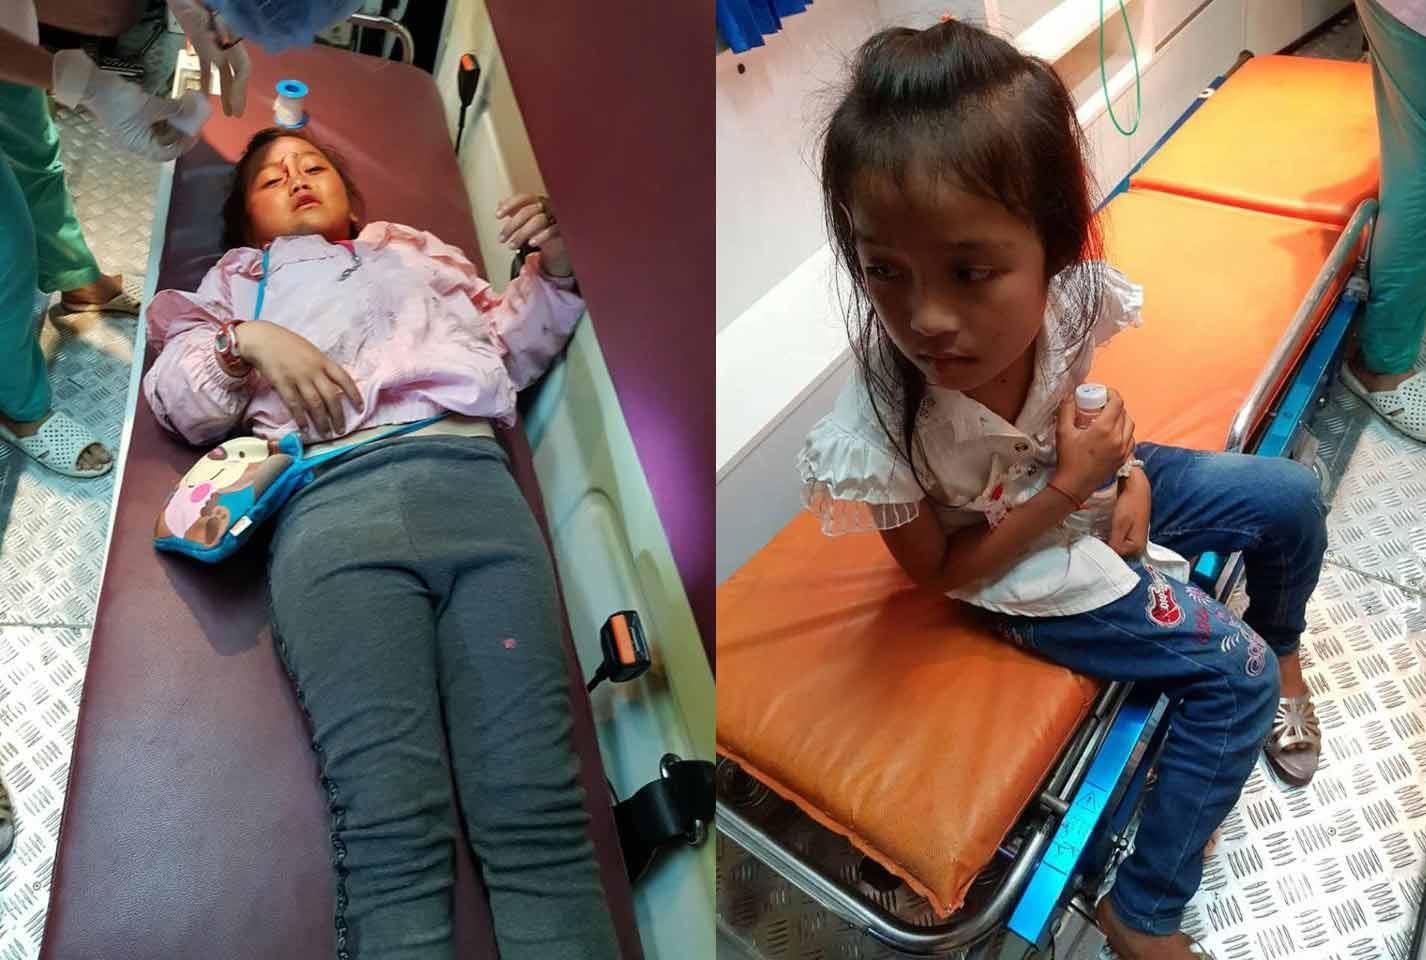 Các em nhỏ bị mảnh kính găm vào người, đang được điều trị tạiBV Trung ươngHuế. Ảnh: Quang Thành